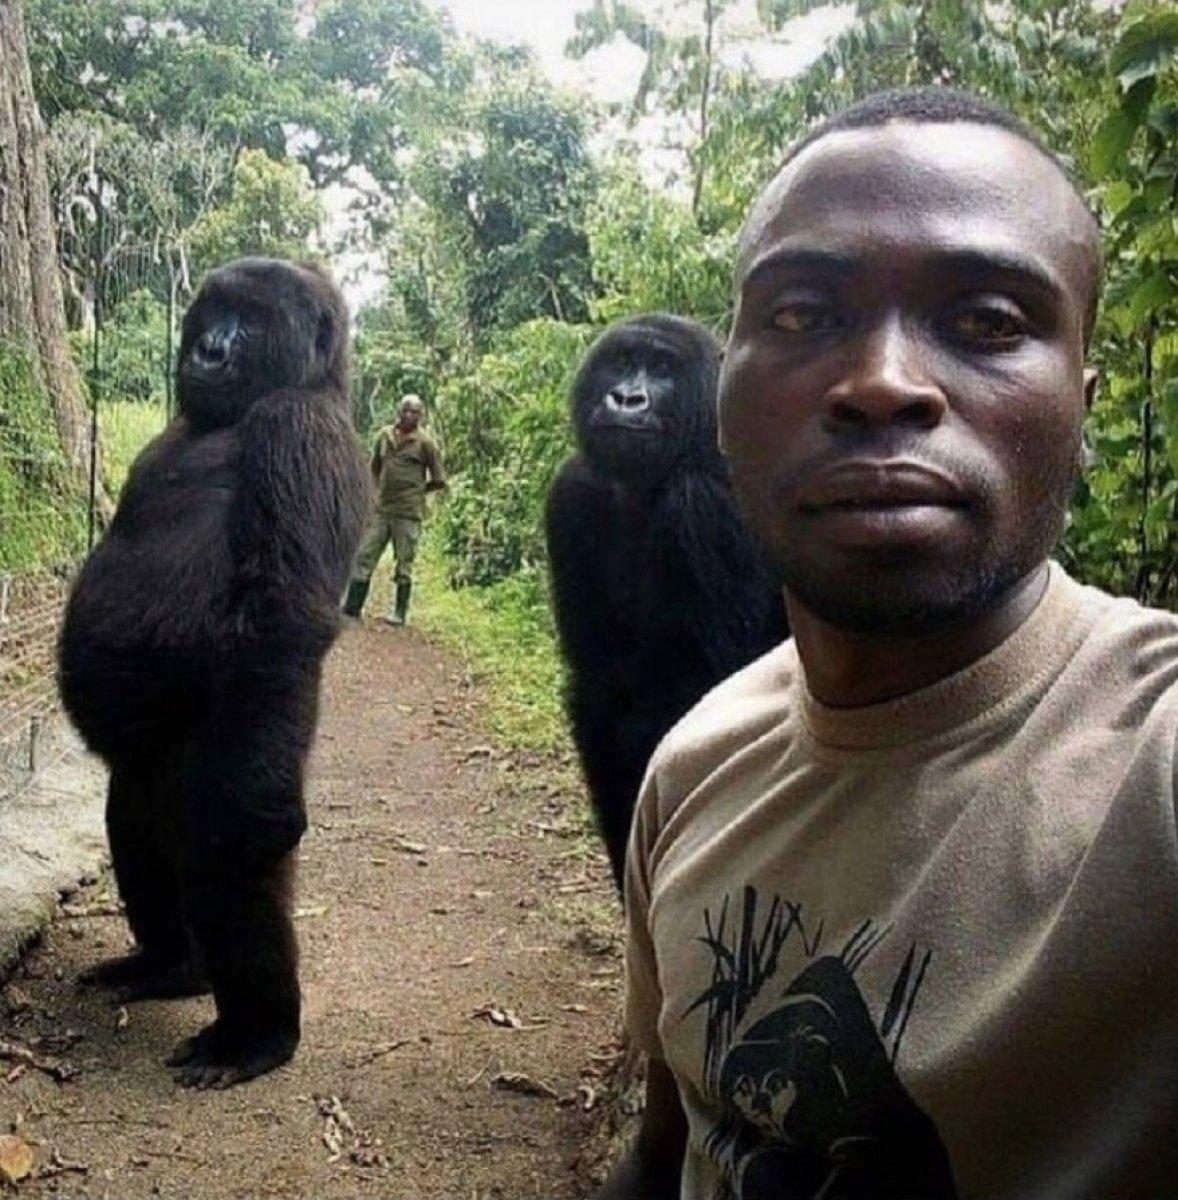 Bakıcısıyla çektirdiği selfie yle tanınan Ndakasi hayatını kaybetti #2